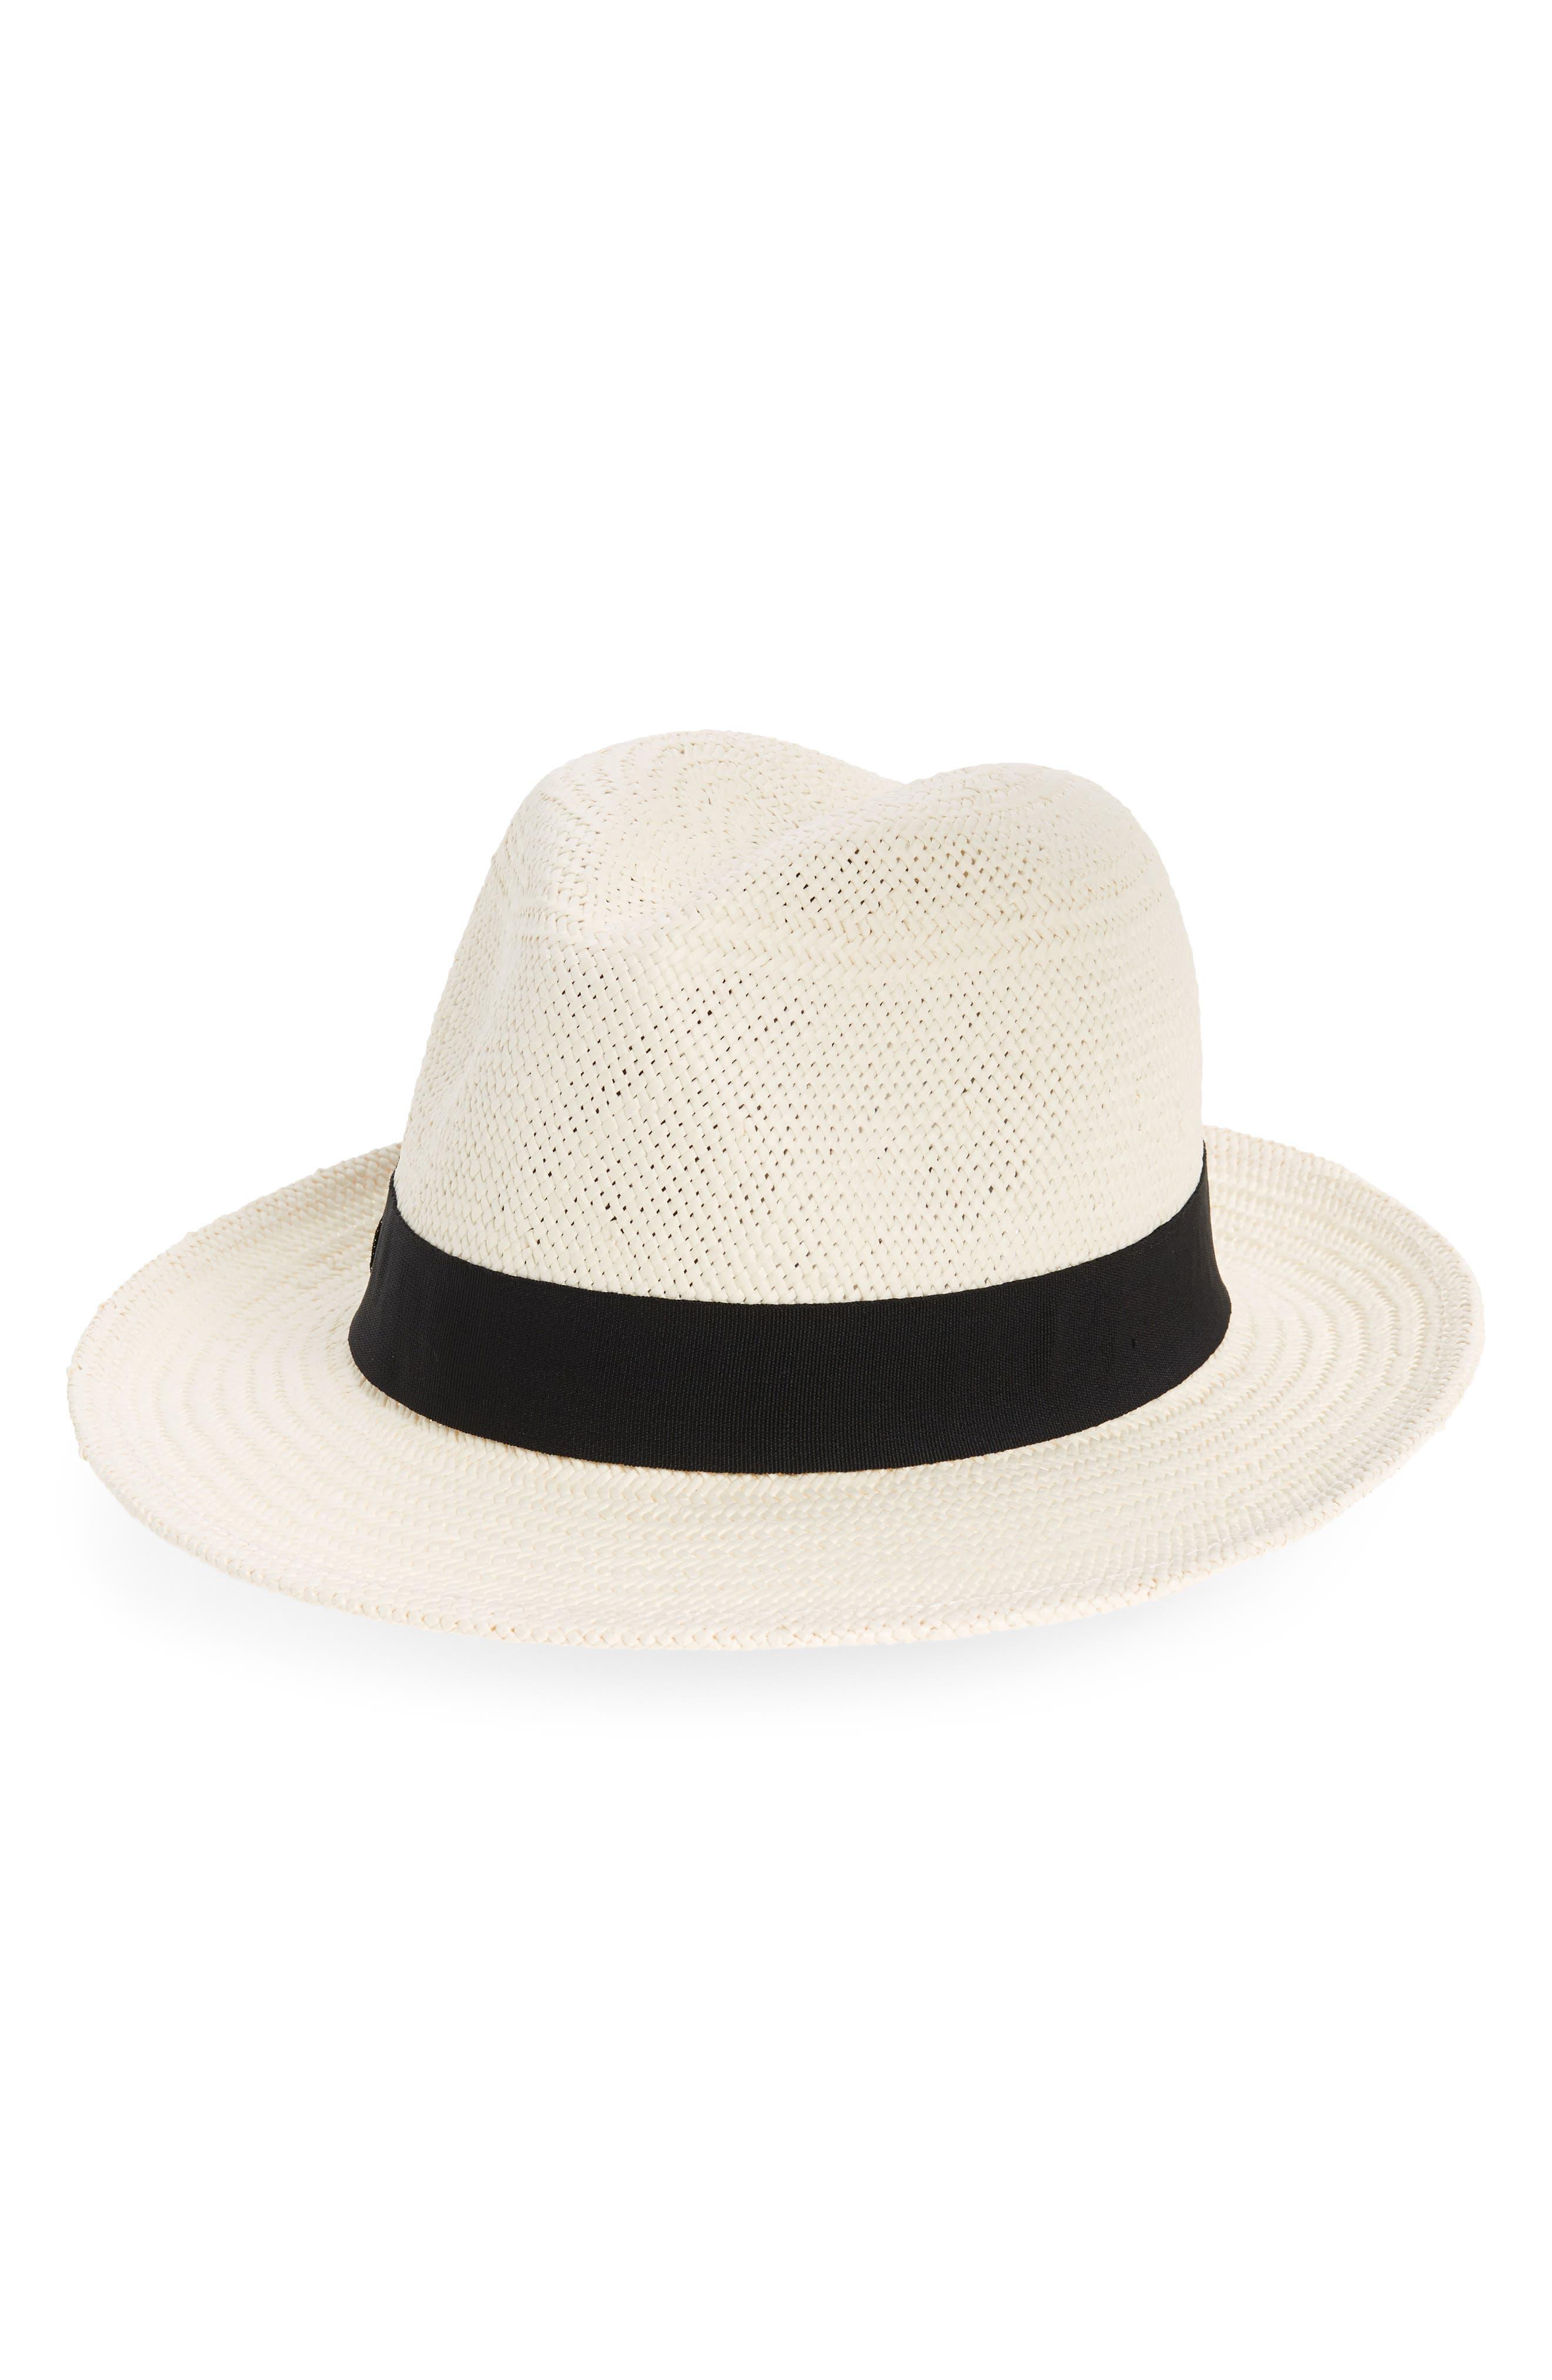 Straw Panama Hat,                             Main thumbnail 1, color,                             900